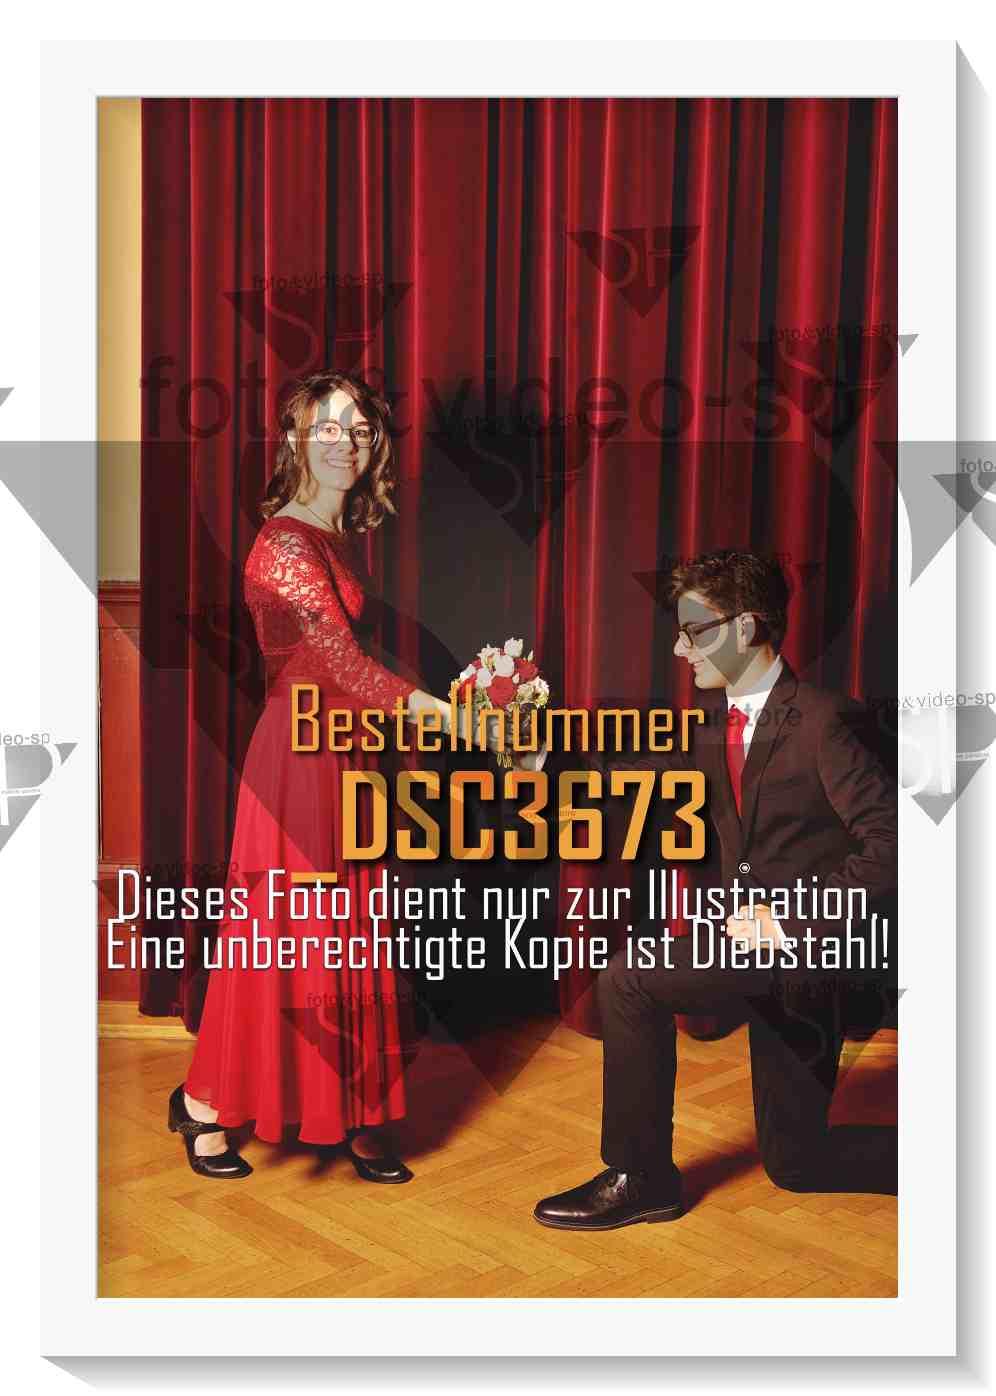 DSC3673